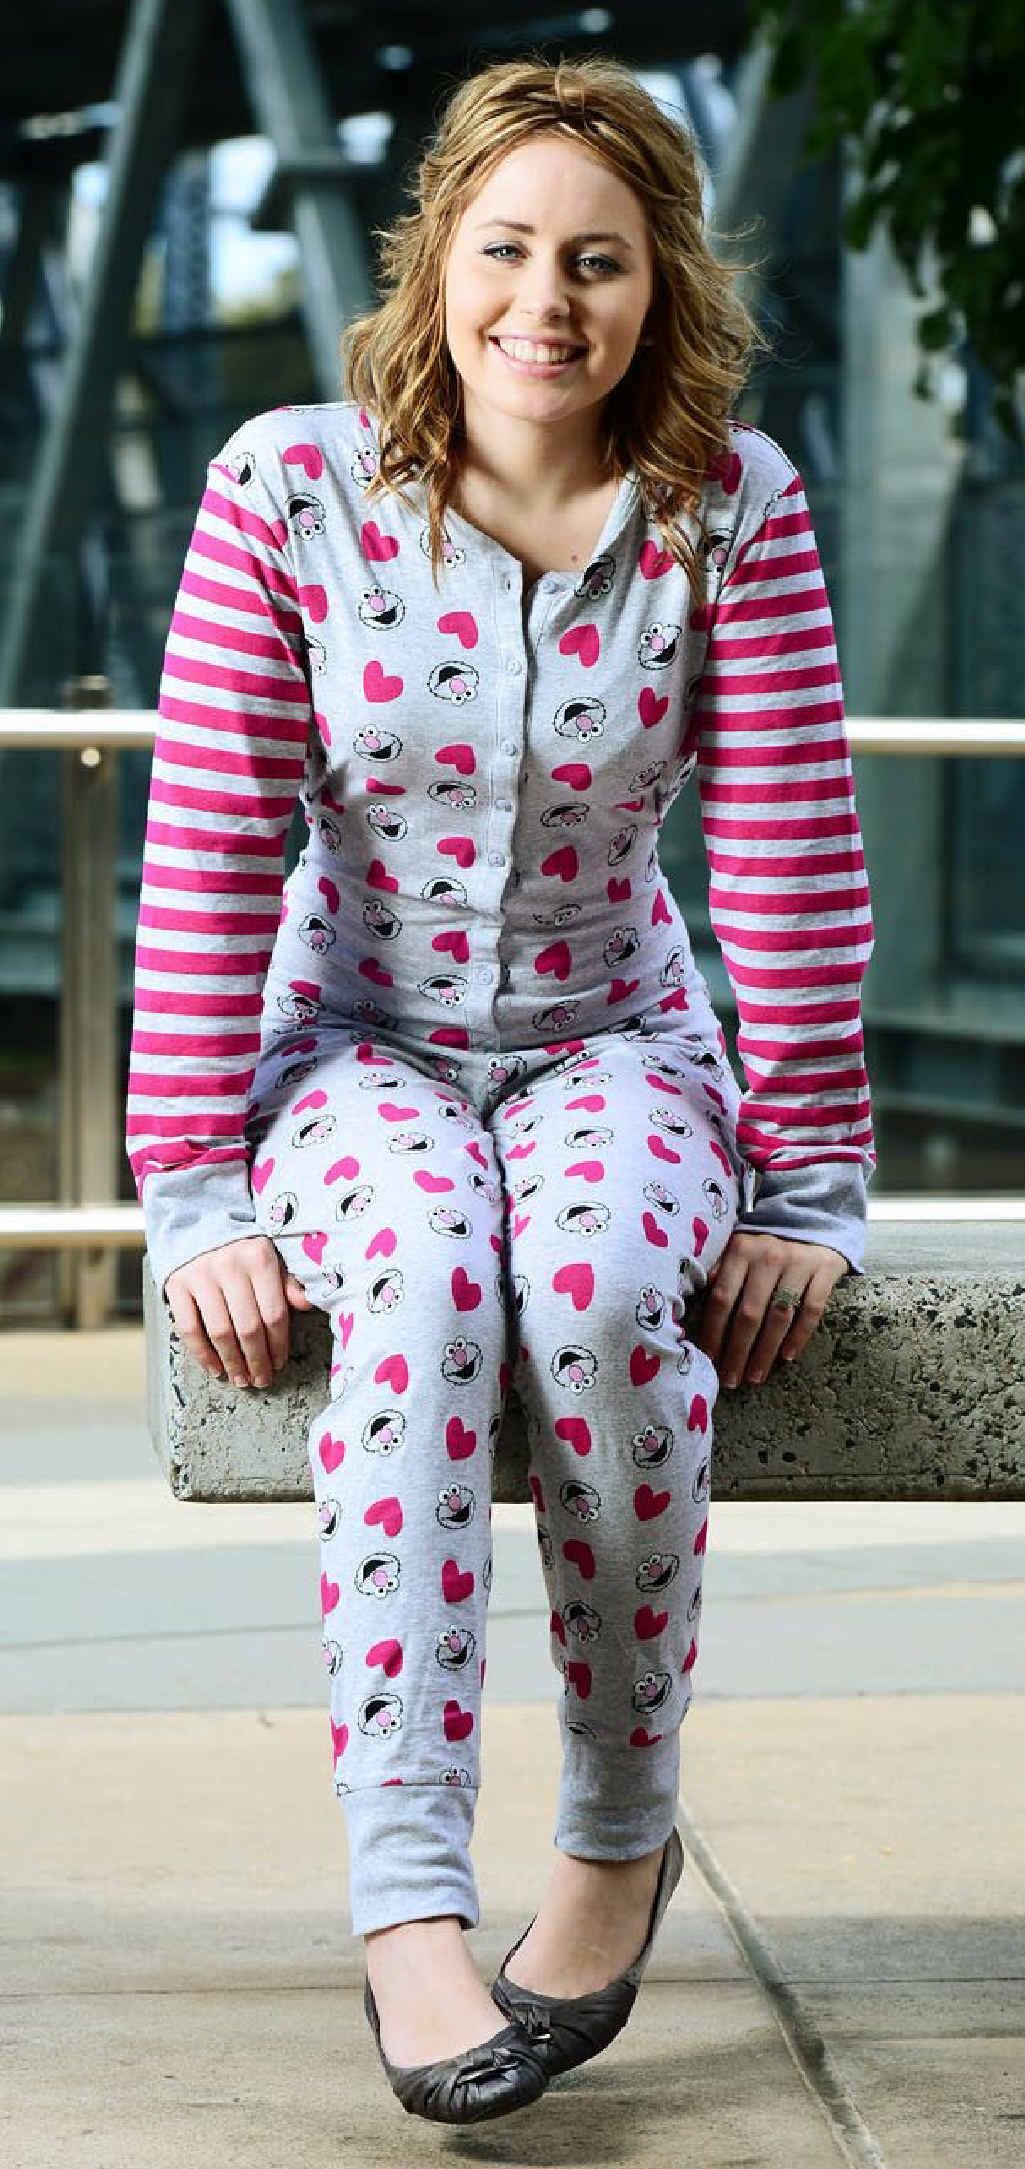 ROMPER SUIT: Bras N Things Riverlink manager Shannon Urquhart models the very popular onesie.